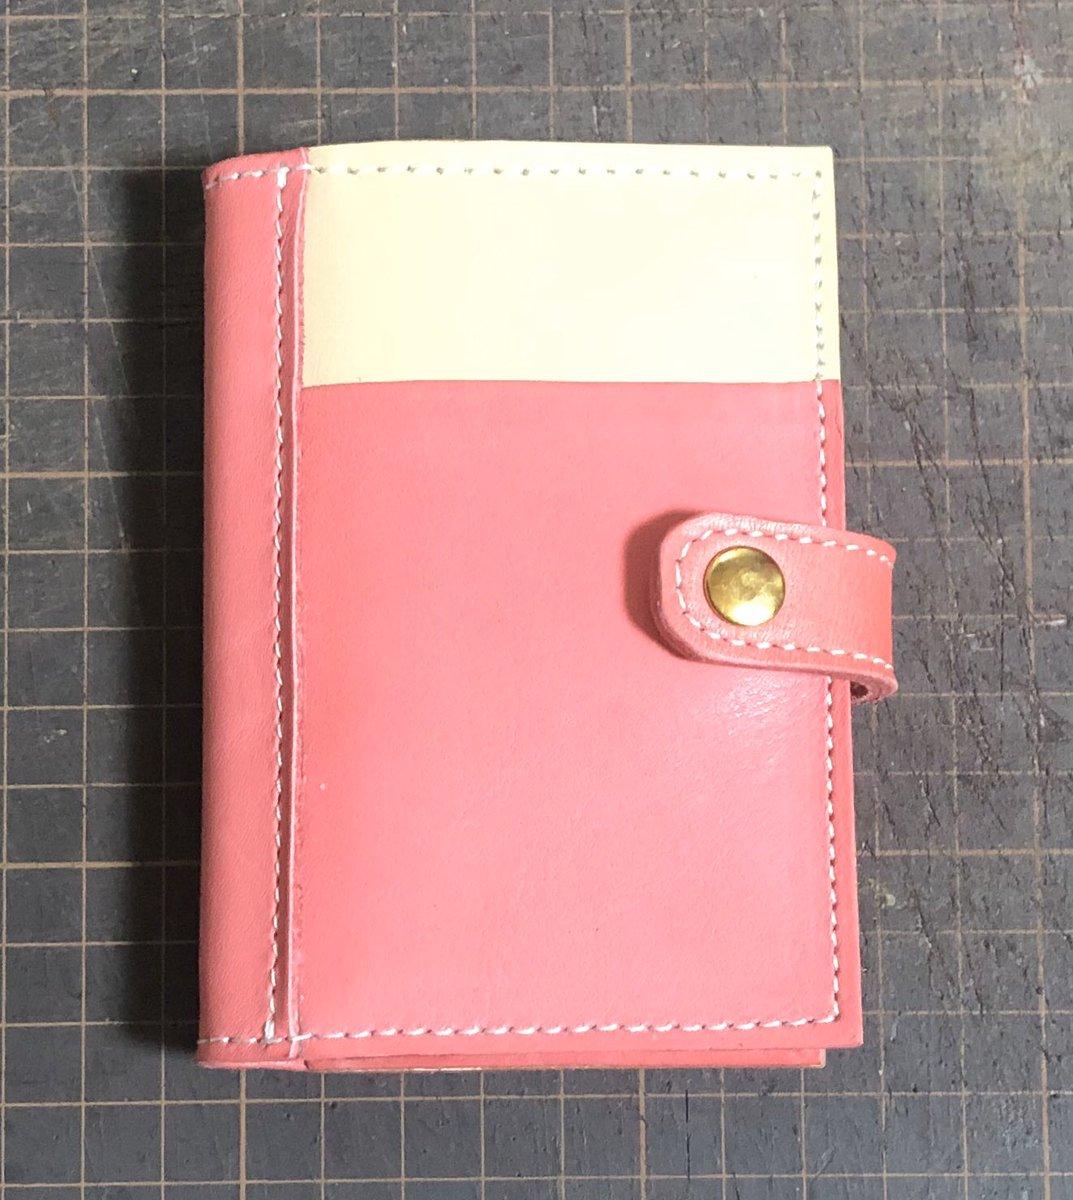 カードケースのリベンジ完了 師匠からアドバイスをいただき、なんとかなったと思う。 本当に小物は難しいね #leather #カードケース pic.twitter.com/Du2LhZpeX0